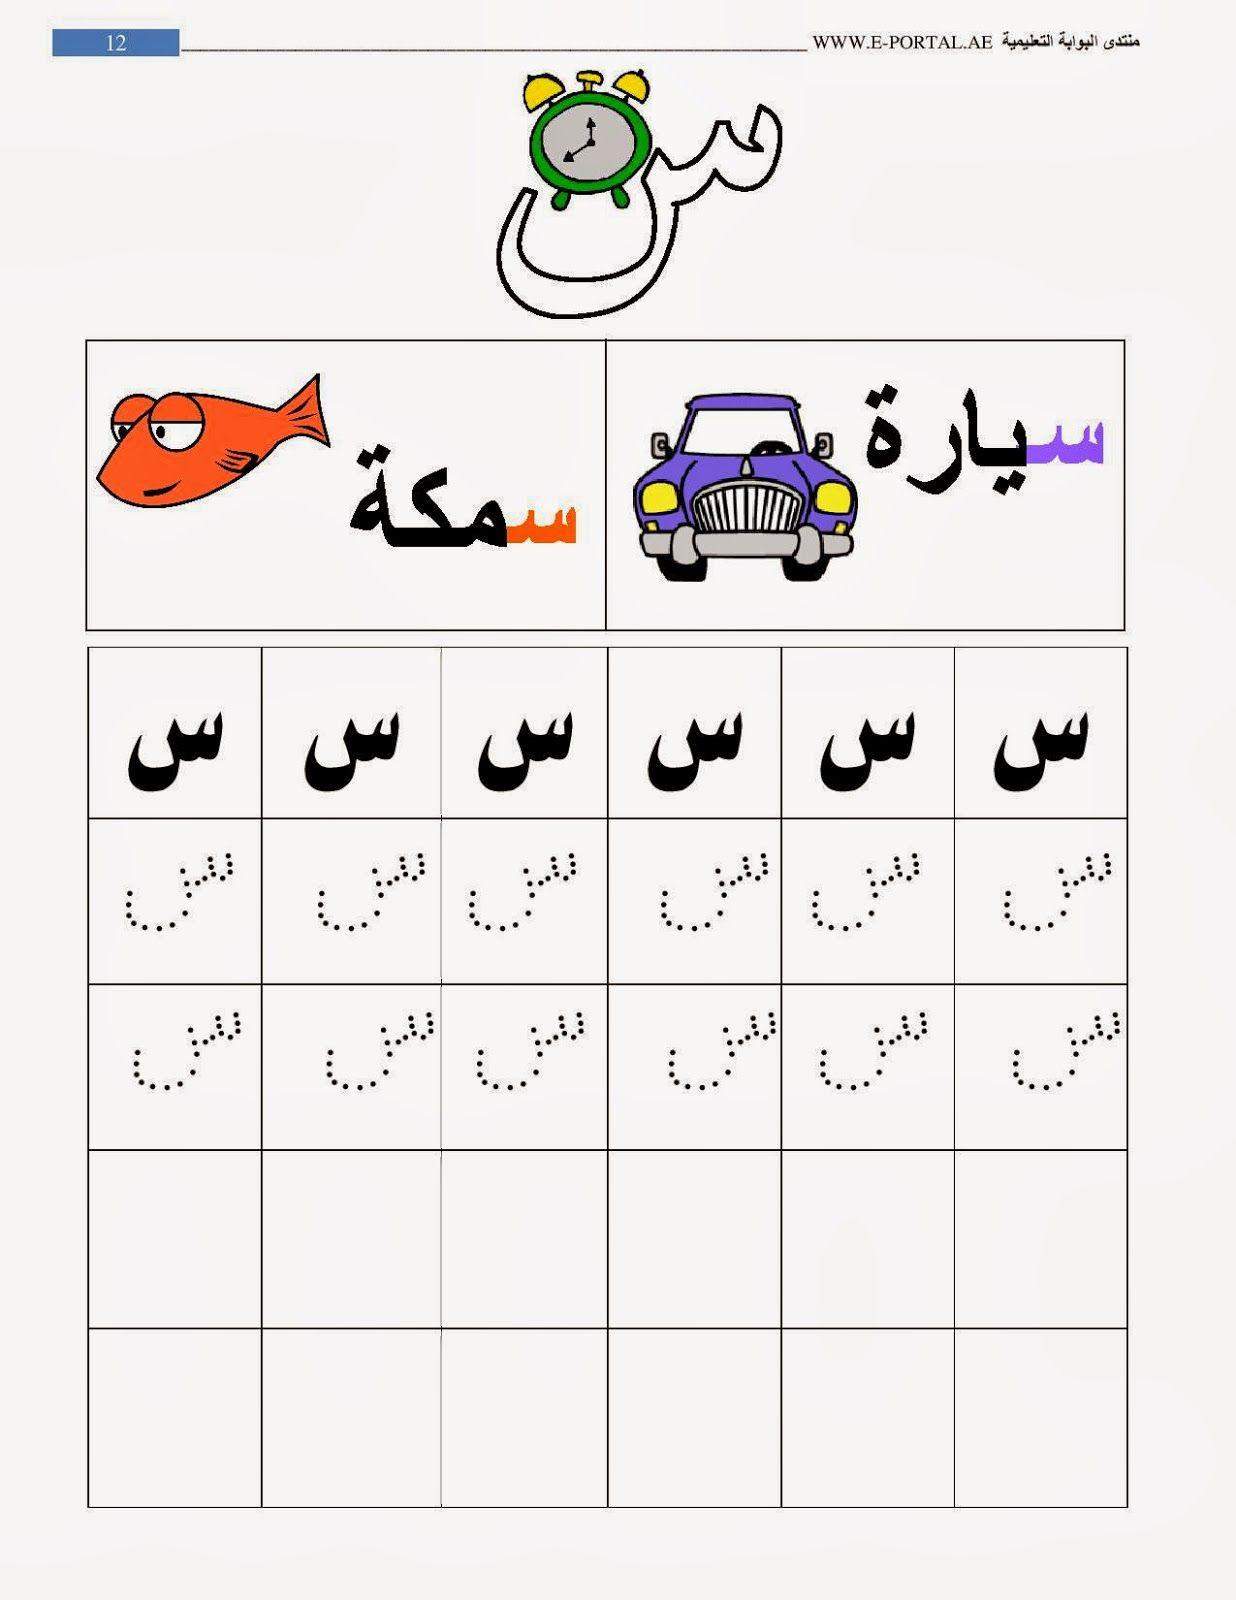 روضة العلم للاطفال كراسة حروف الهجاء Learn Arabic Alphabet Learning Arabic Arabic Alphabet For Kids